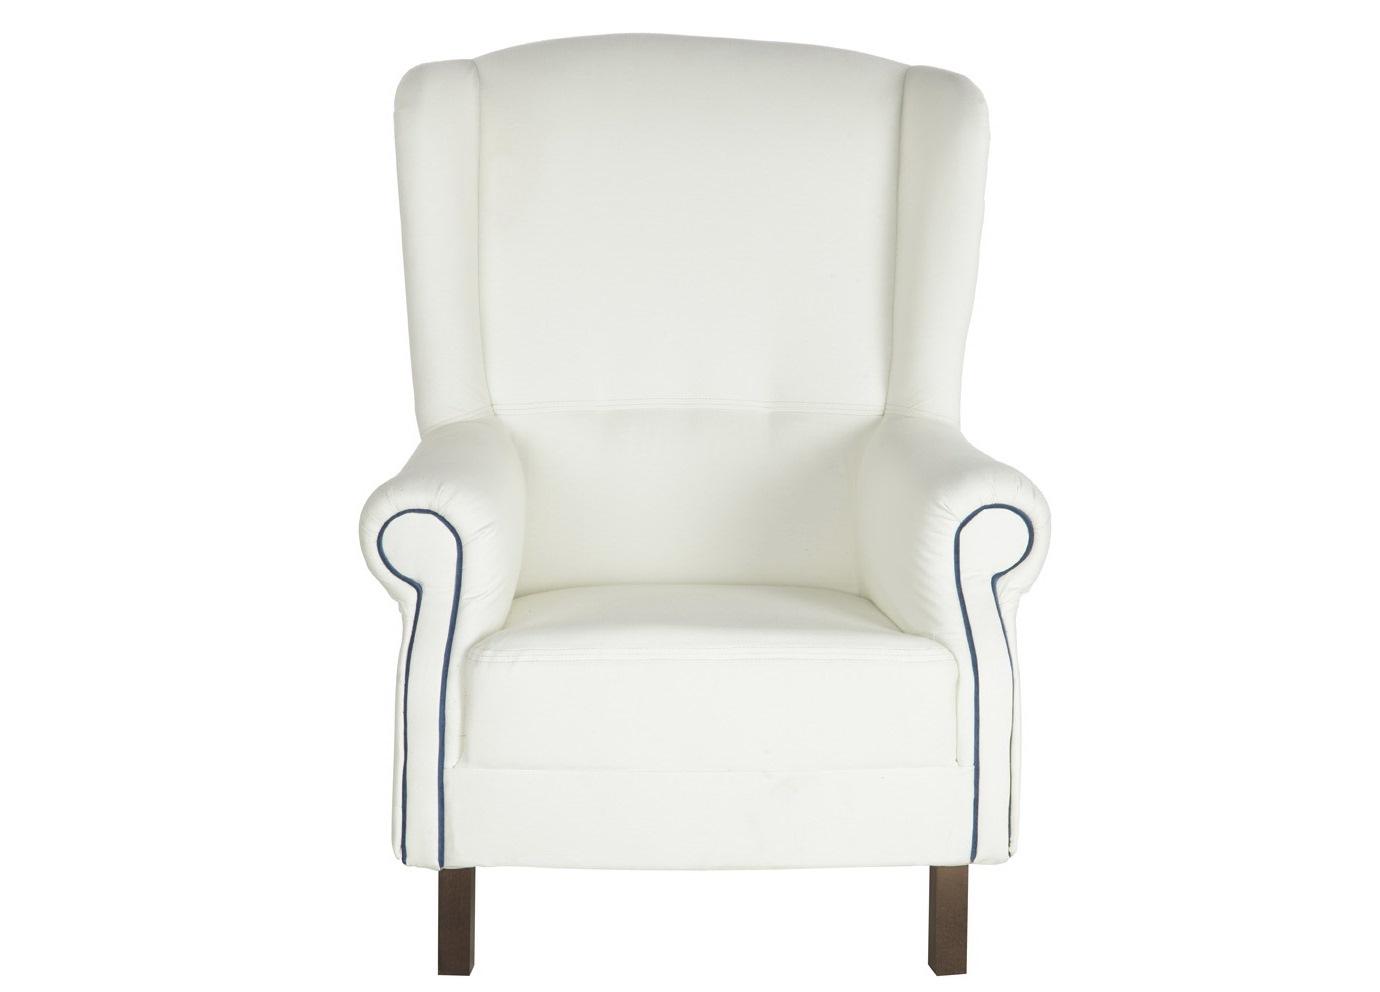 Кресло La Neige 4155665 от thefurnish